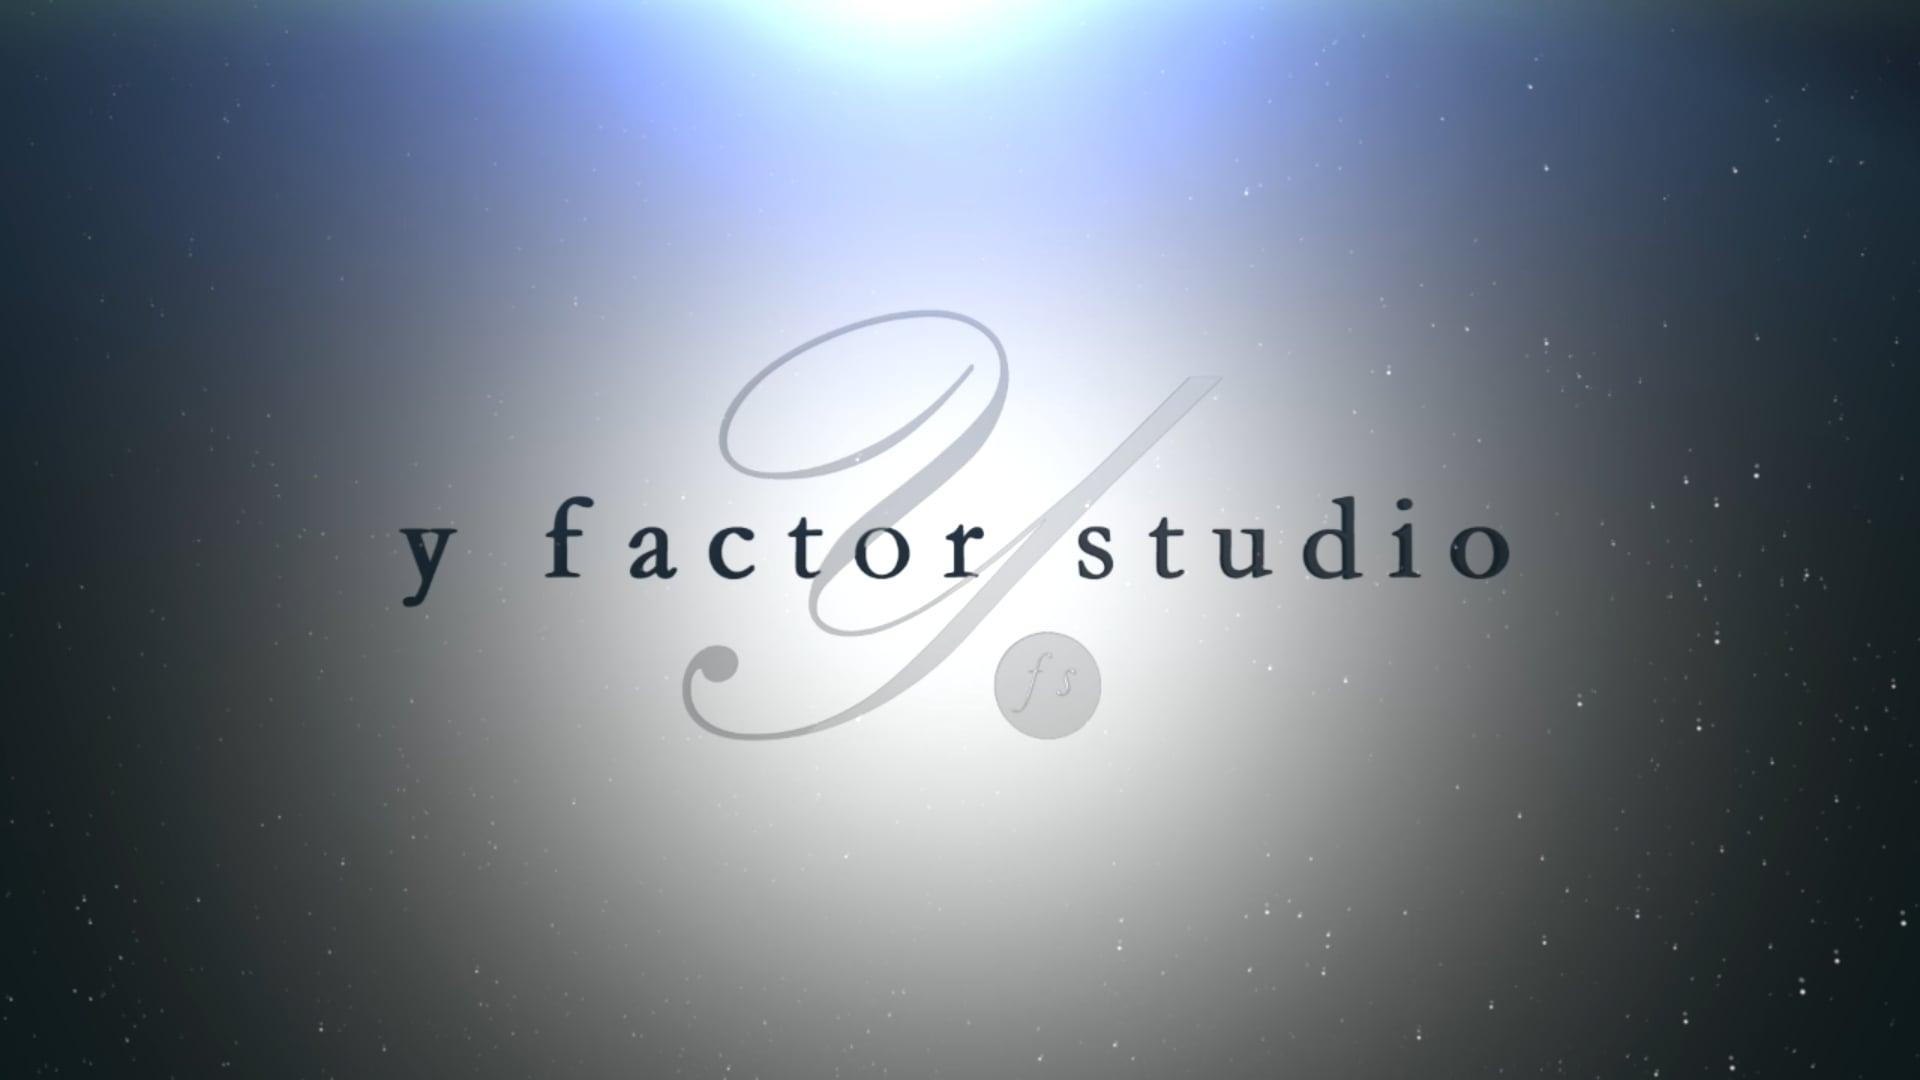 Y Factor Studio